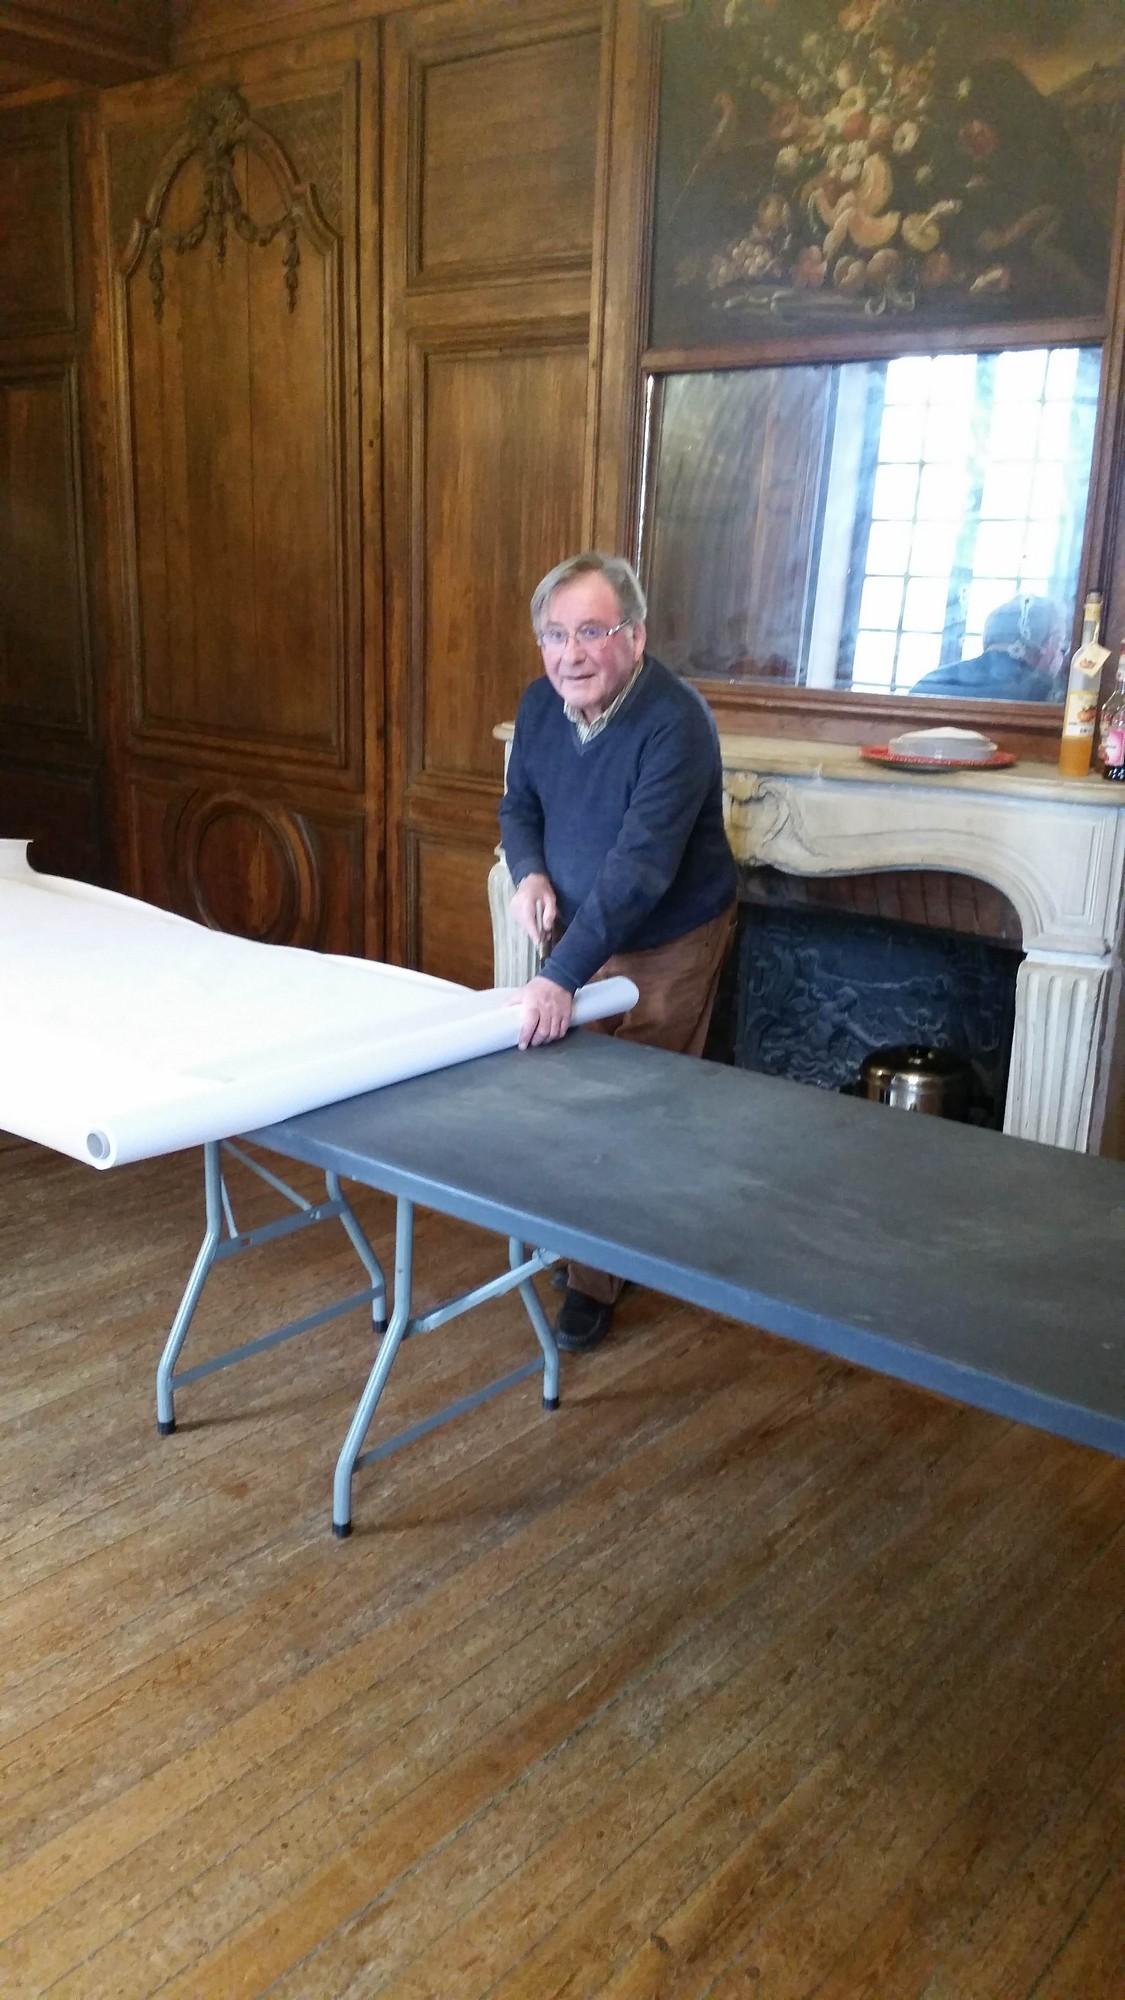 Michel prépare les tables pour le buffet